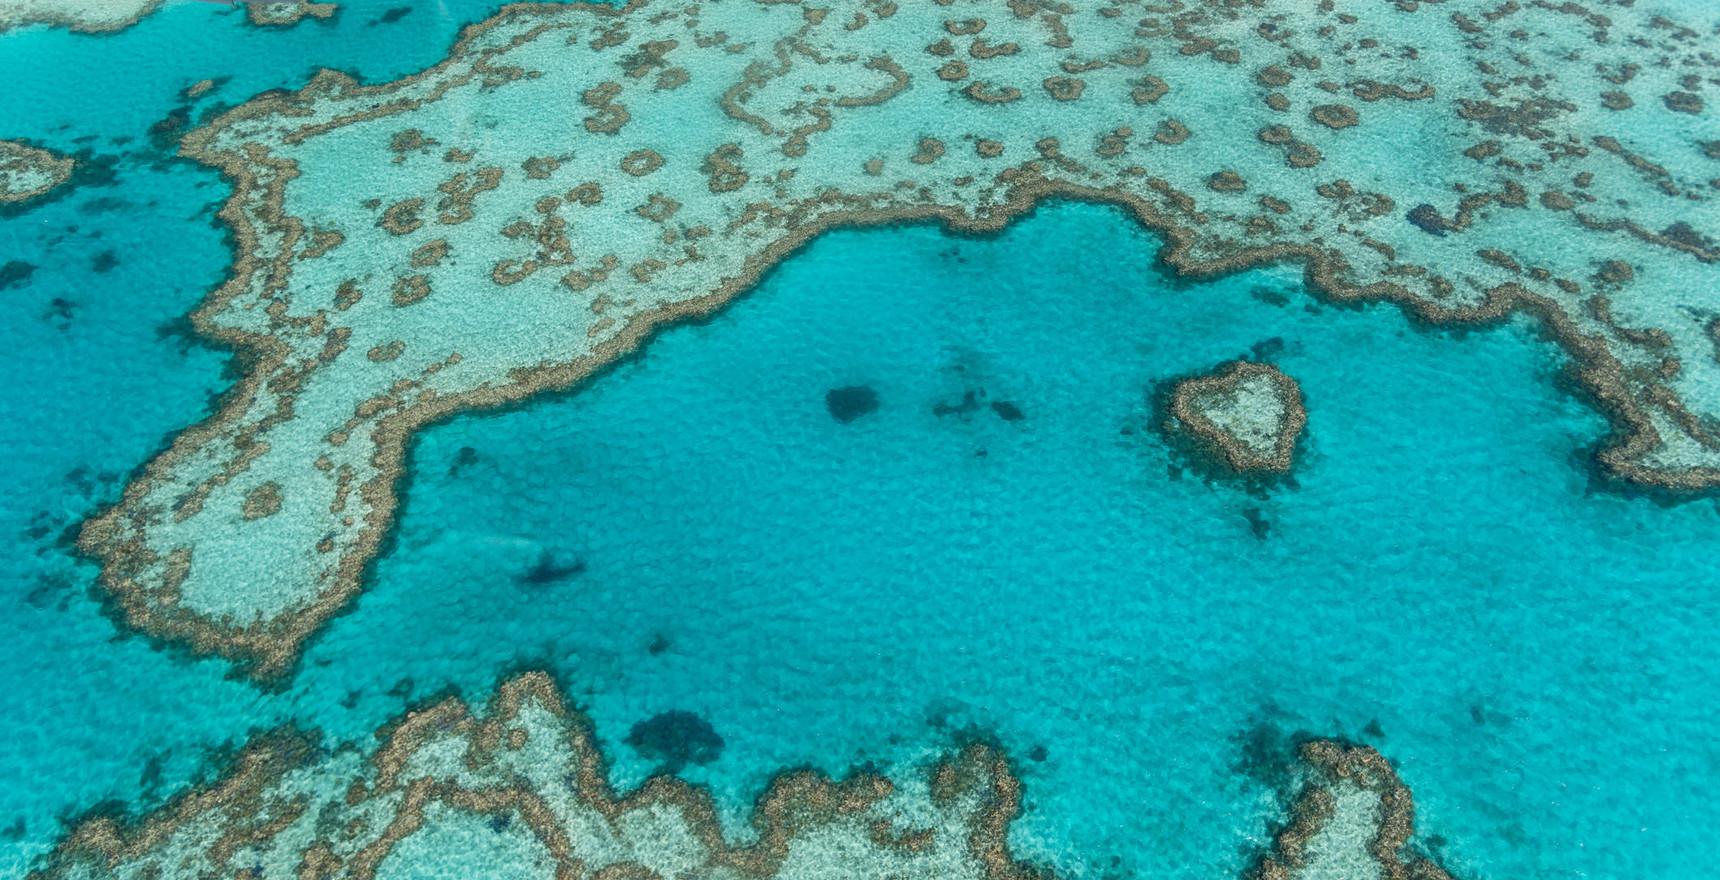 Textures of Great Barrier Reef, Australia